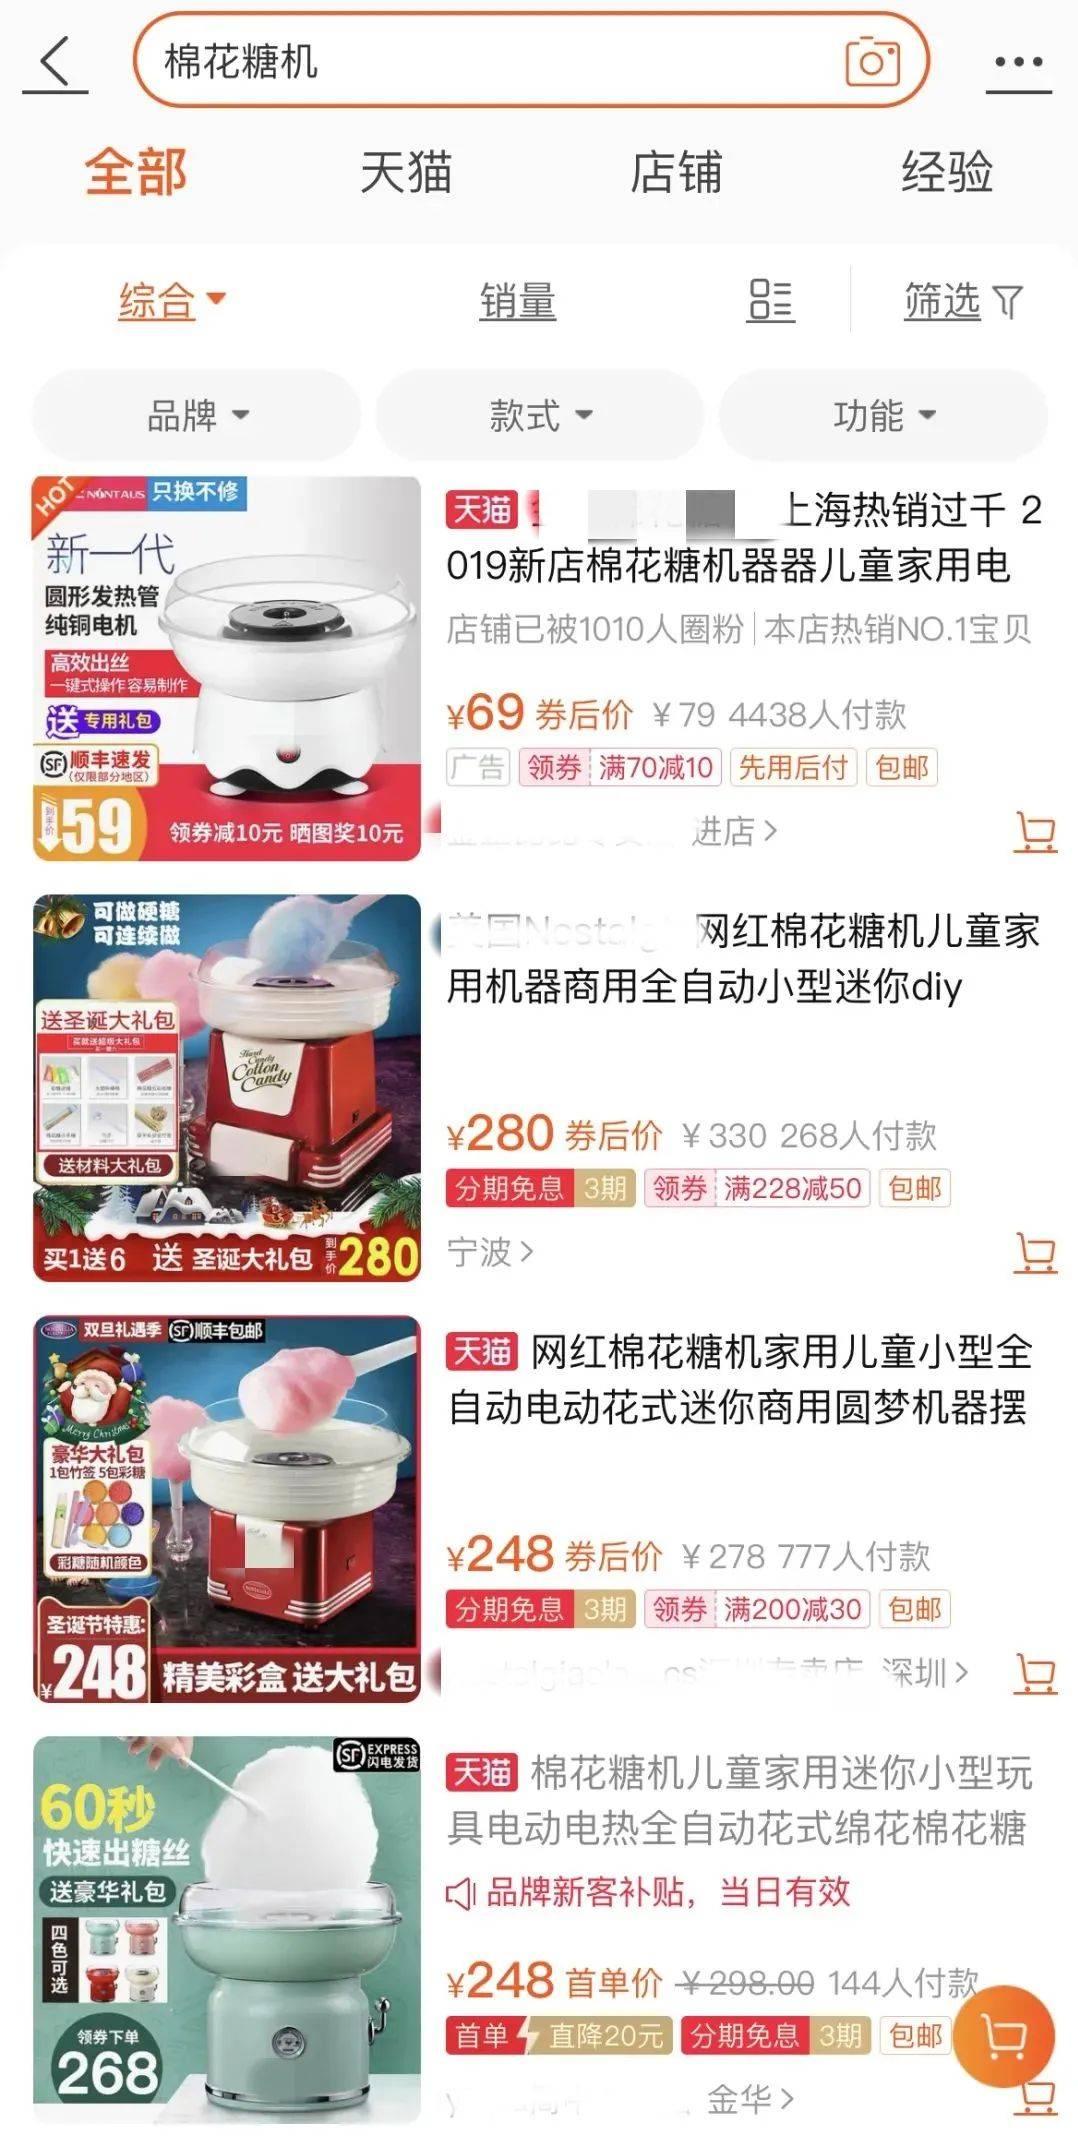 沪一居民楼大火,竟是这种热卖玩具所致!上海阿姨一家家摁门铃催逃生